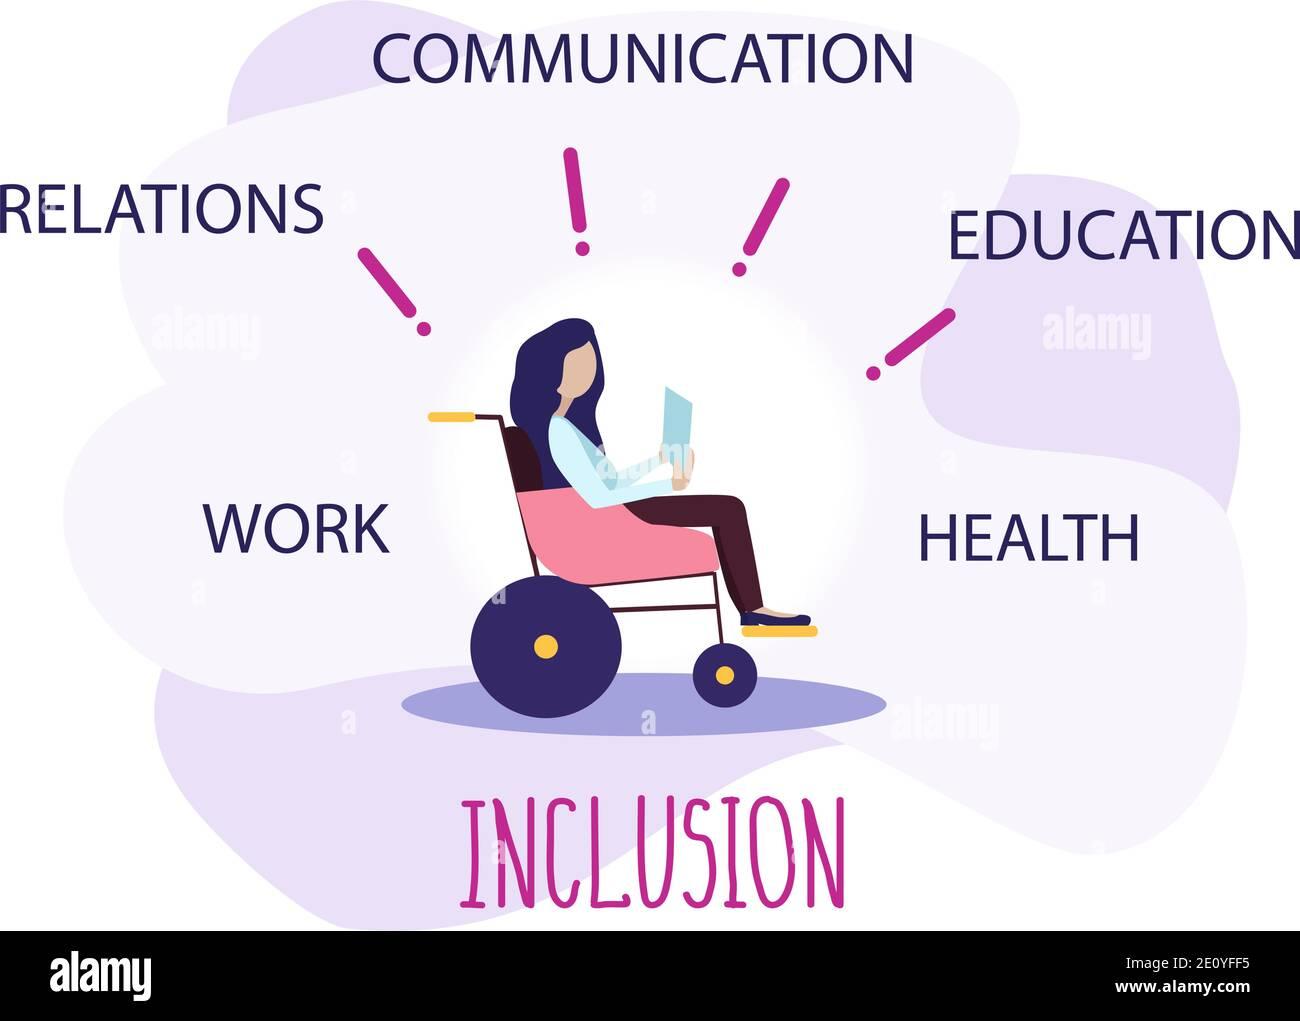 Una niña en silla de ruedas tiene los mismos derechos. Un símbolo de vida inclusiva, comunicación, educación, relaciones y salud. Ilustración de vector plano. El contras Ilustración del Vector